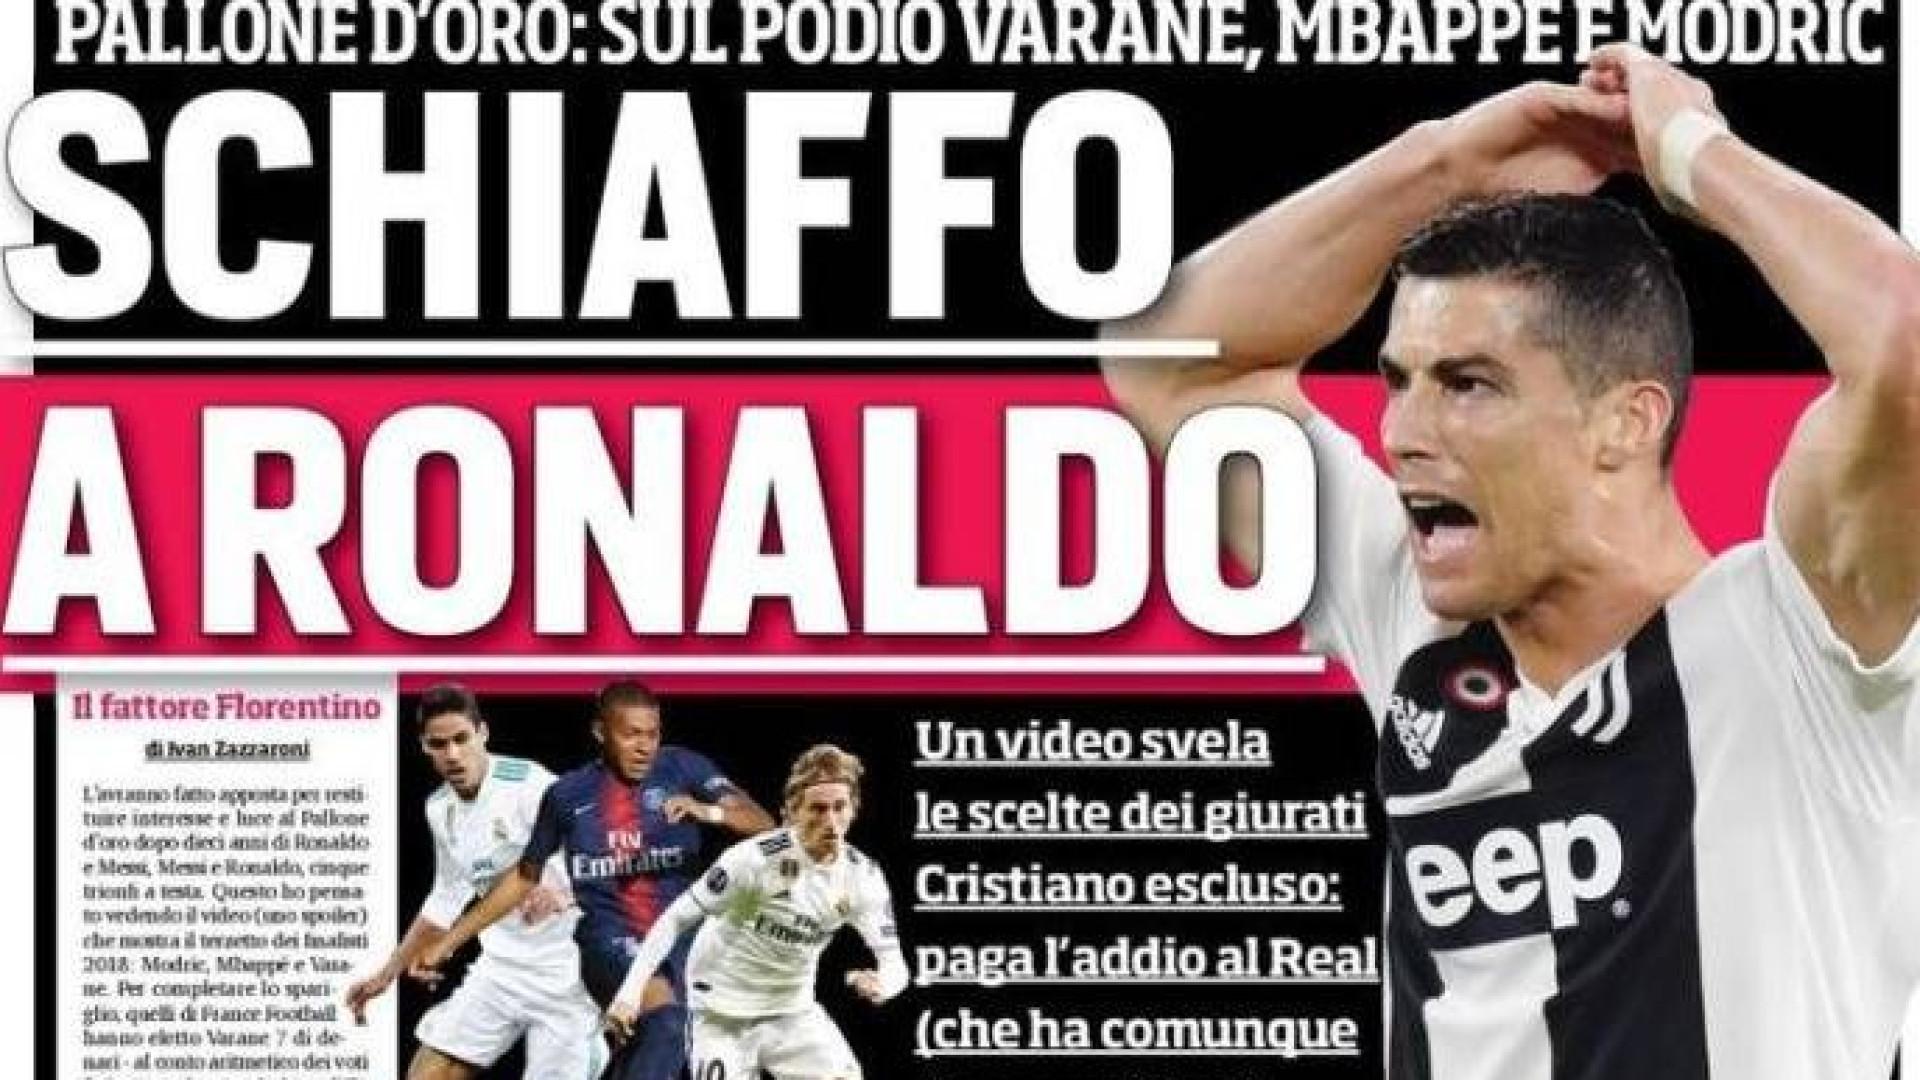 Lá fora: Italianos questionam Bola de Ouro longe de Ronaldo